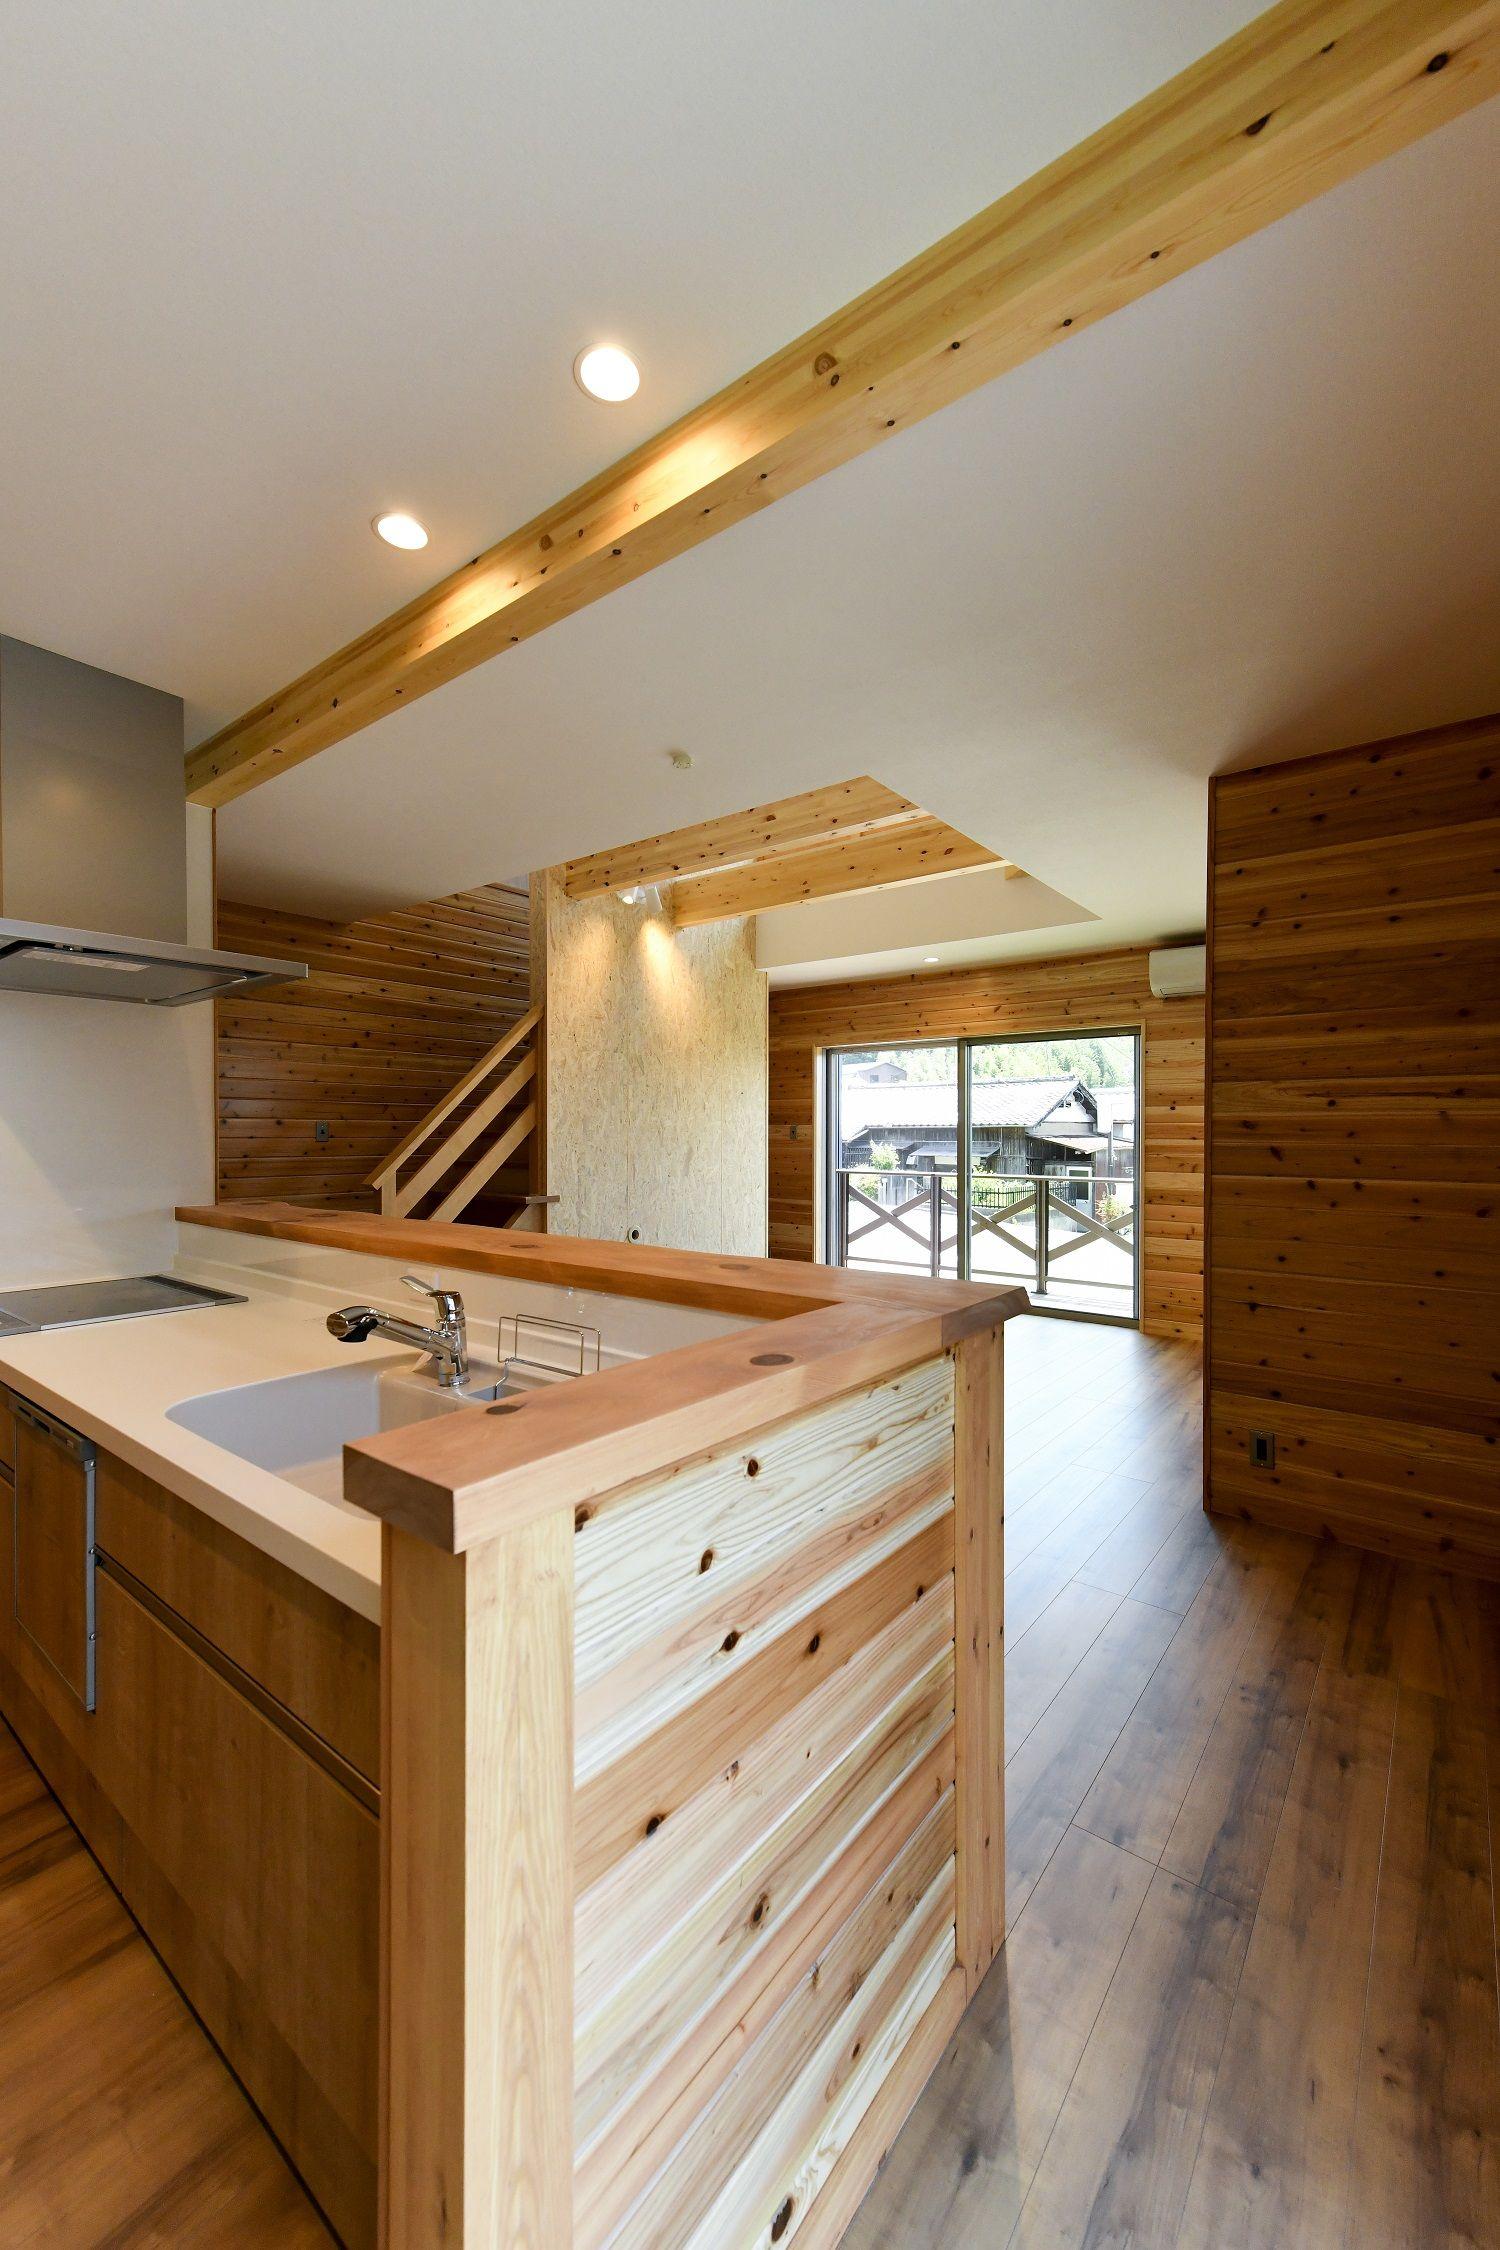 木目調の室内とキッチン ログハウス キッチン 木の家 注文住宅 住宅 キッチン